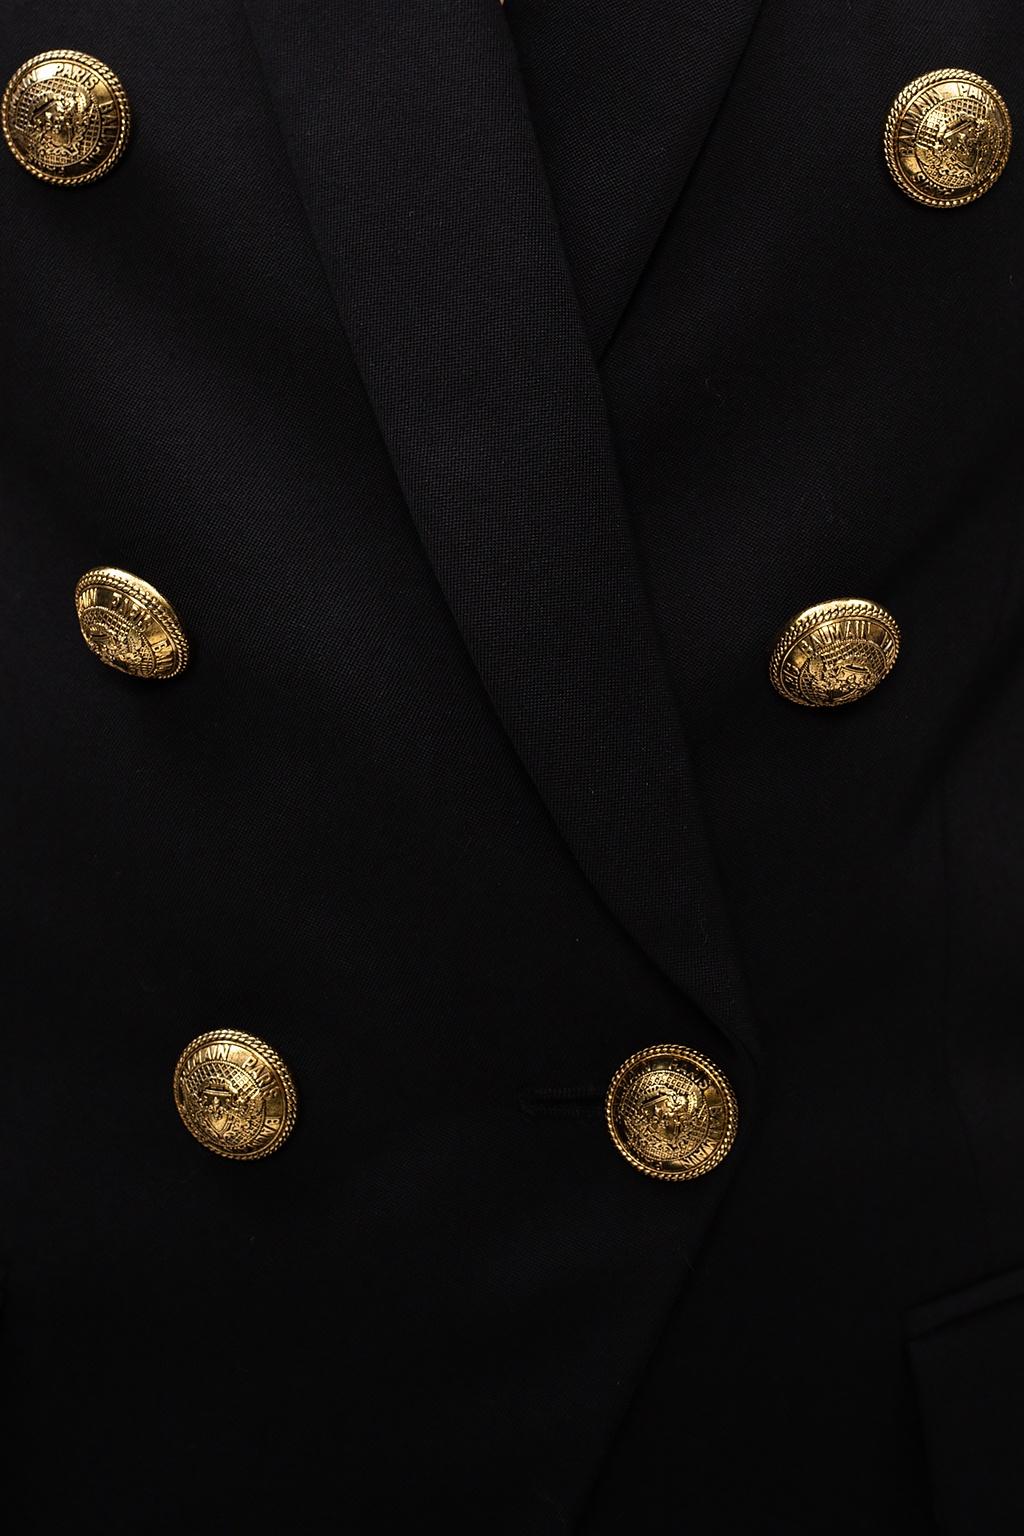 ref gl/änzende schwarze Front kompatibel mit Aprilia Scarabeo // Scarabeo Street Restyling 50 // 100cc Jahr von 2001 bis 2012 Aprilia 85175900 one by Camamoto cod 77390150F Verkleidung oprig